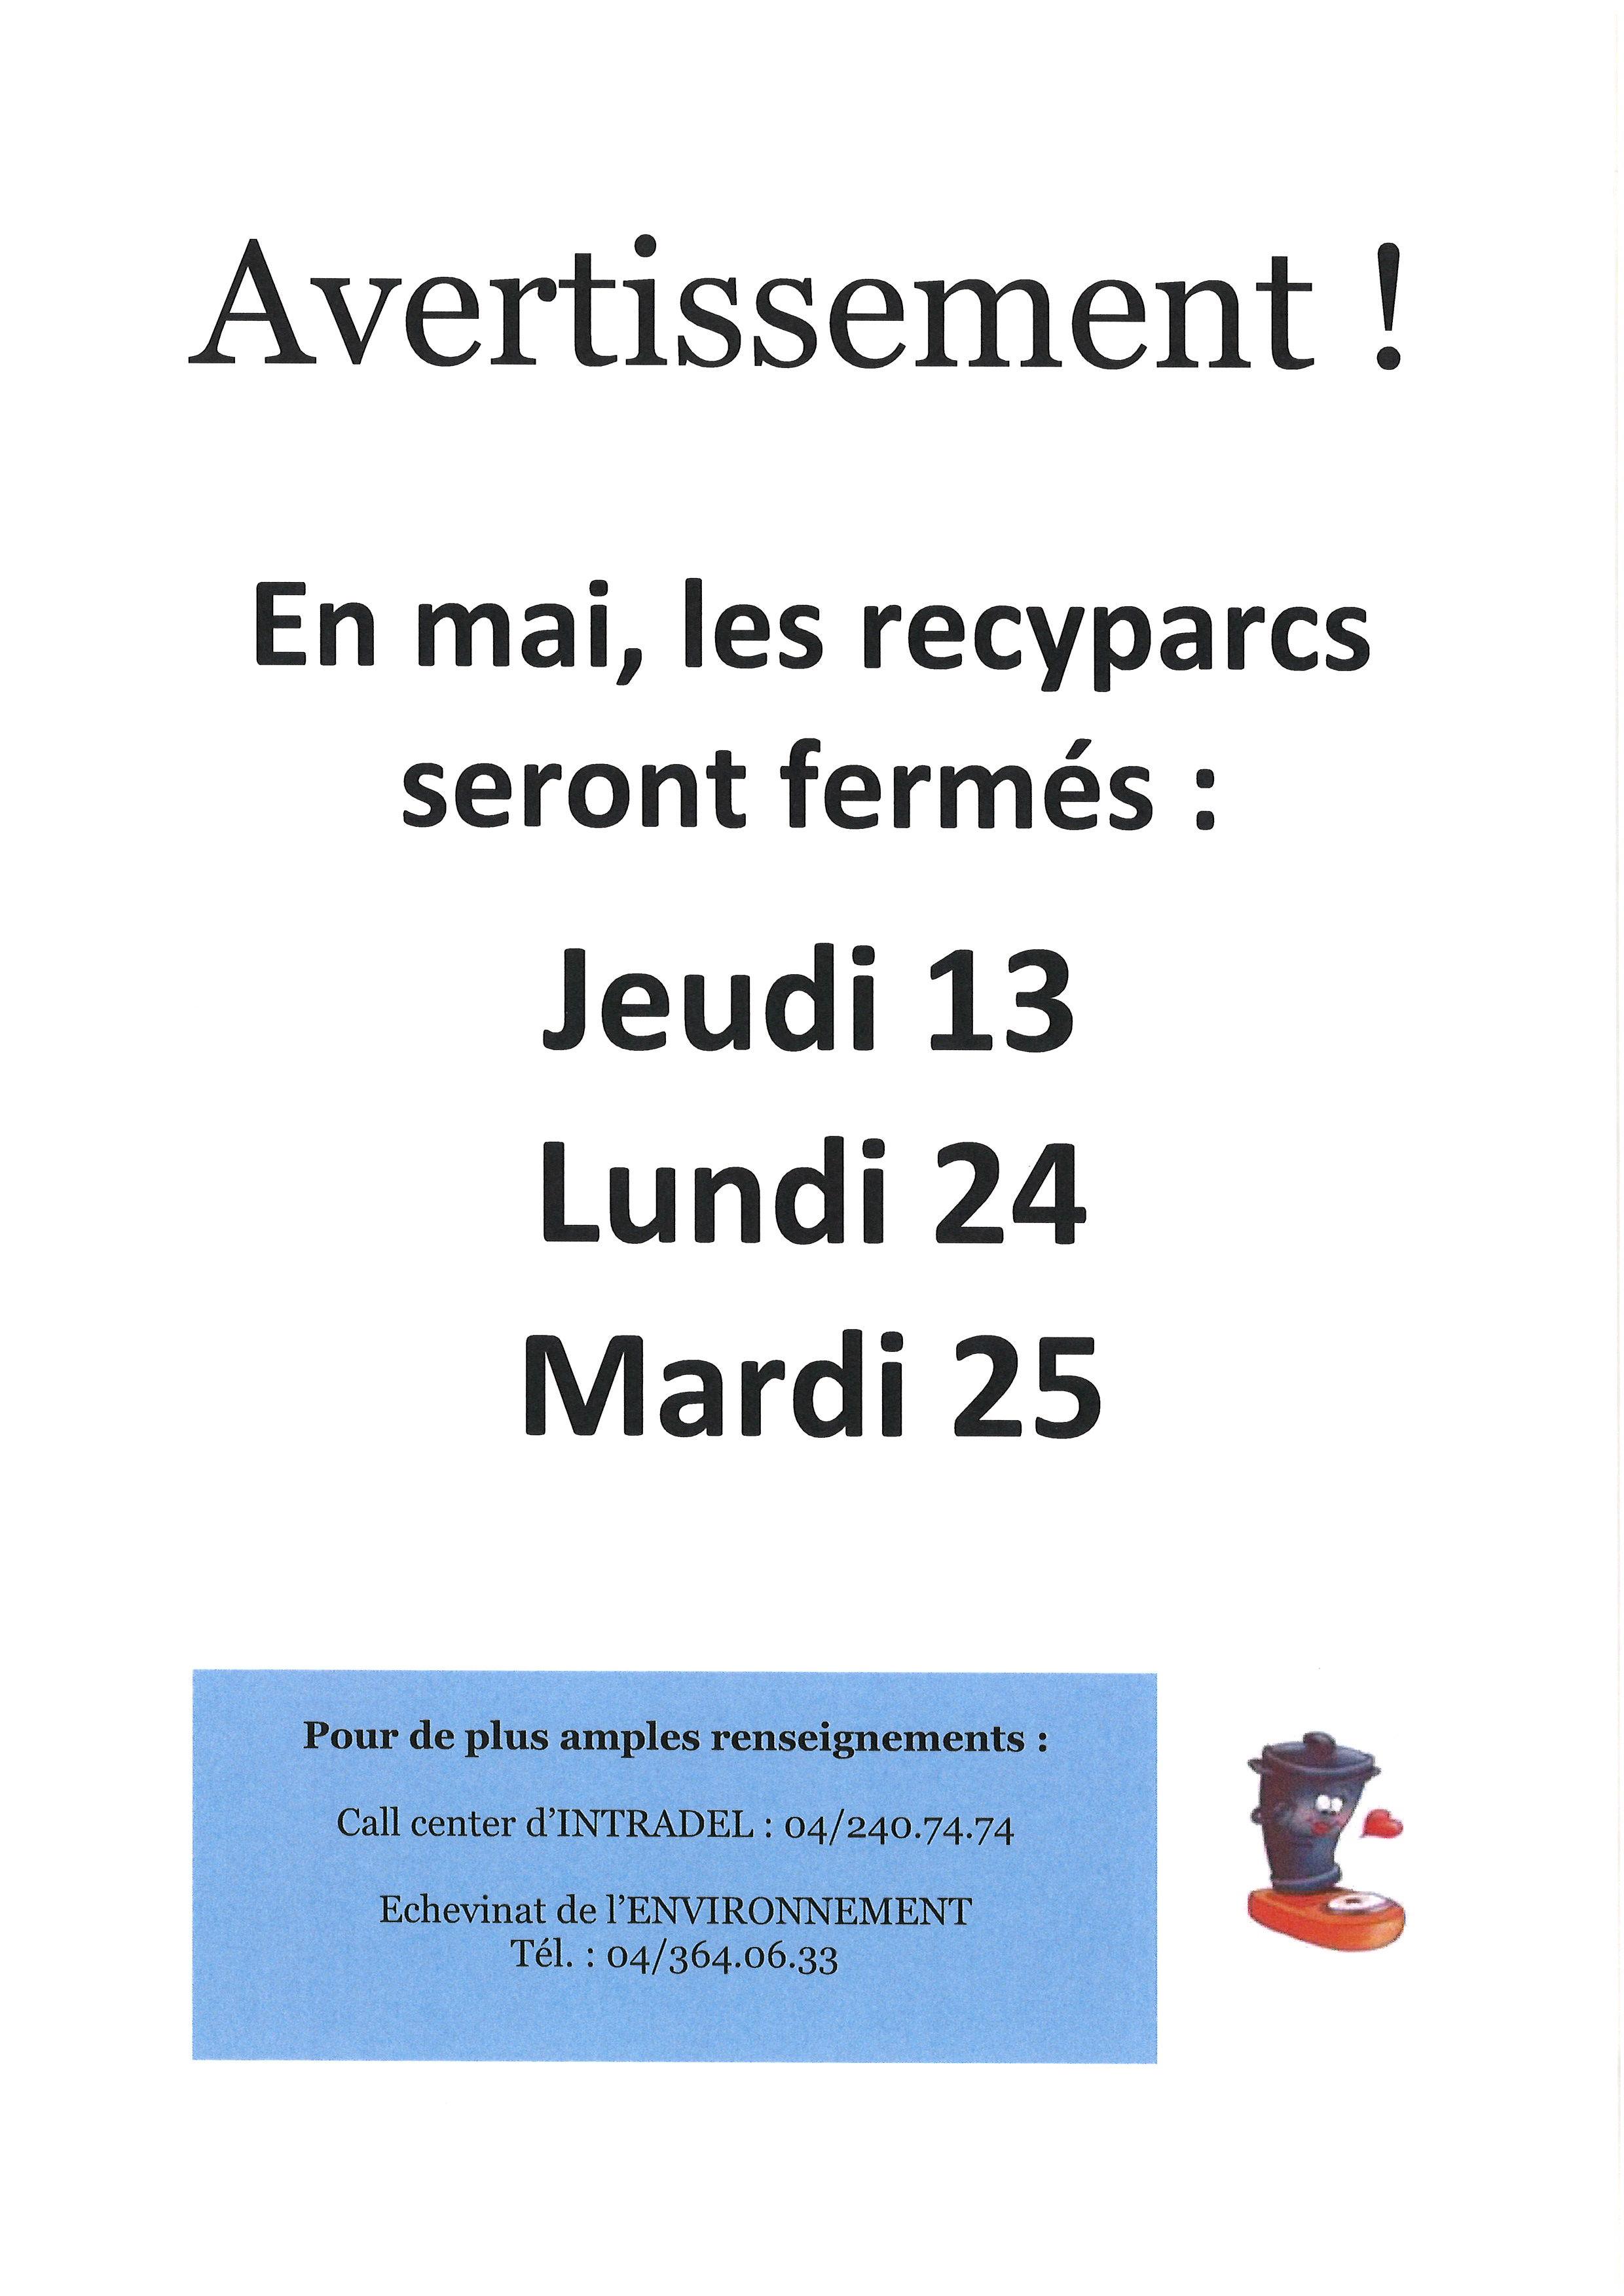 Dates de fermeture des recyparcs - mai 2021